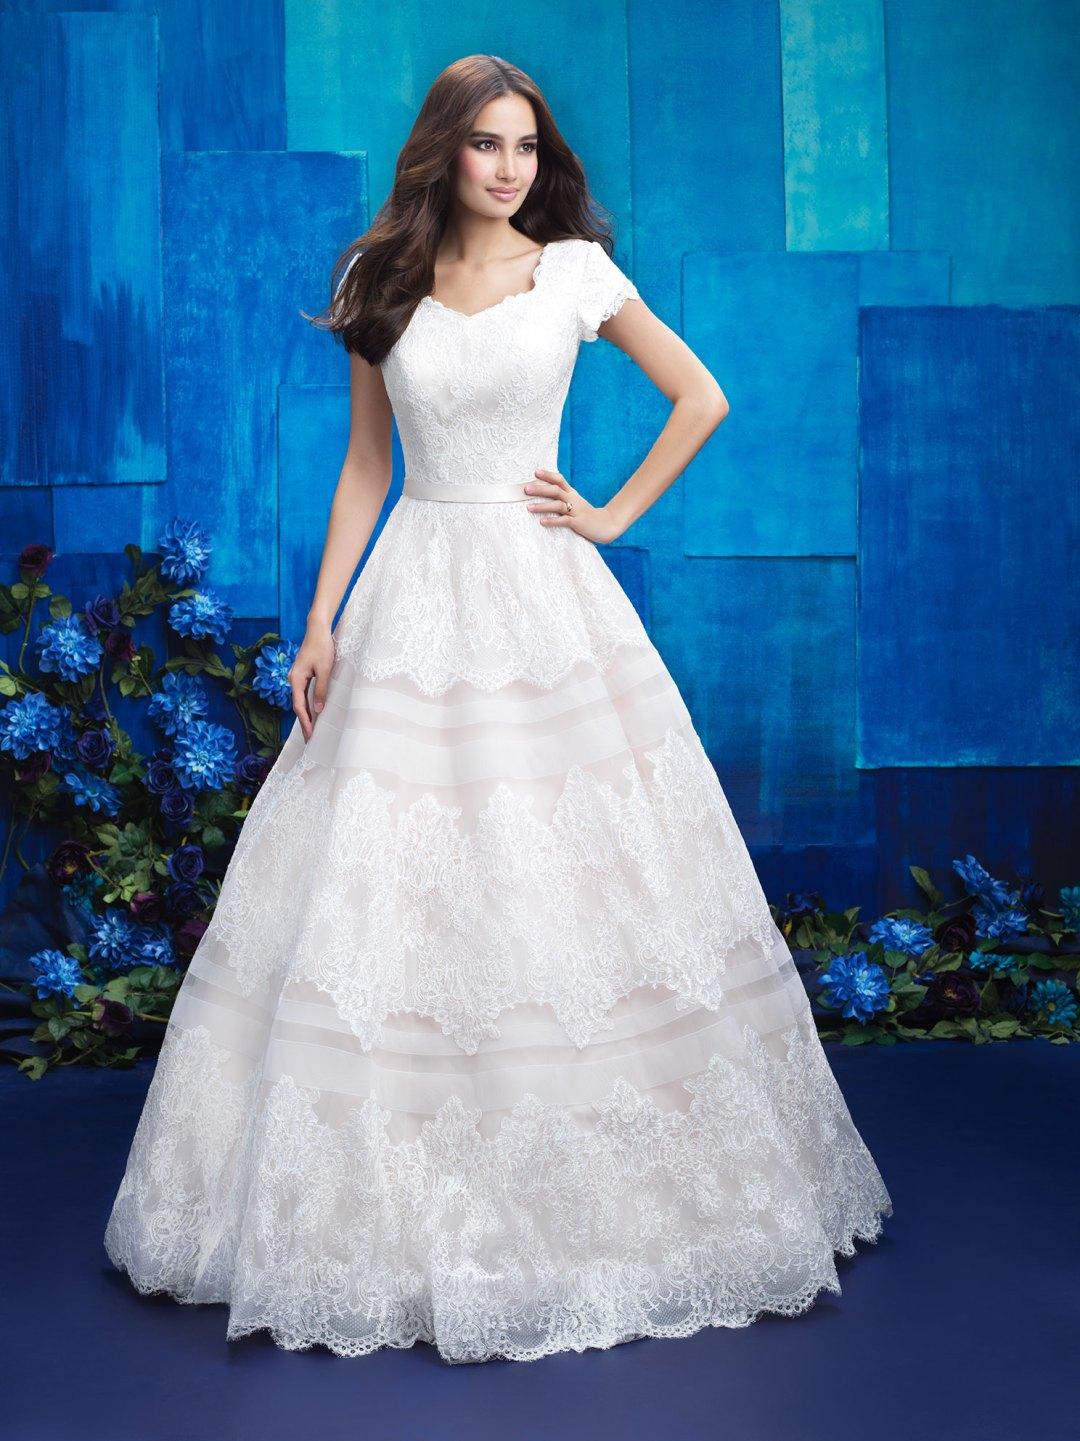 25 Modest Ball Gown Wedding Dresses - 13